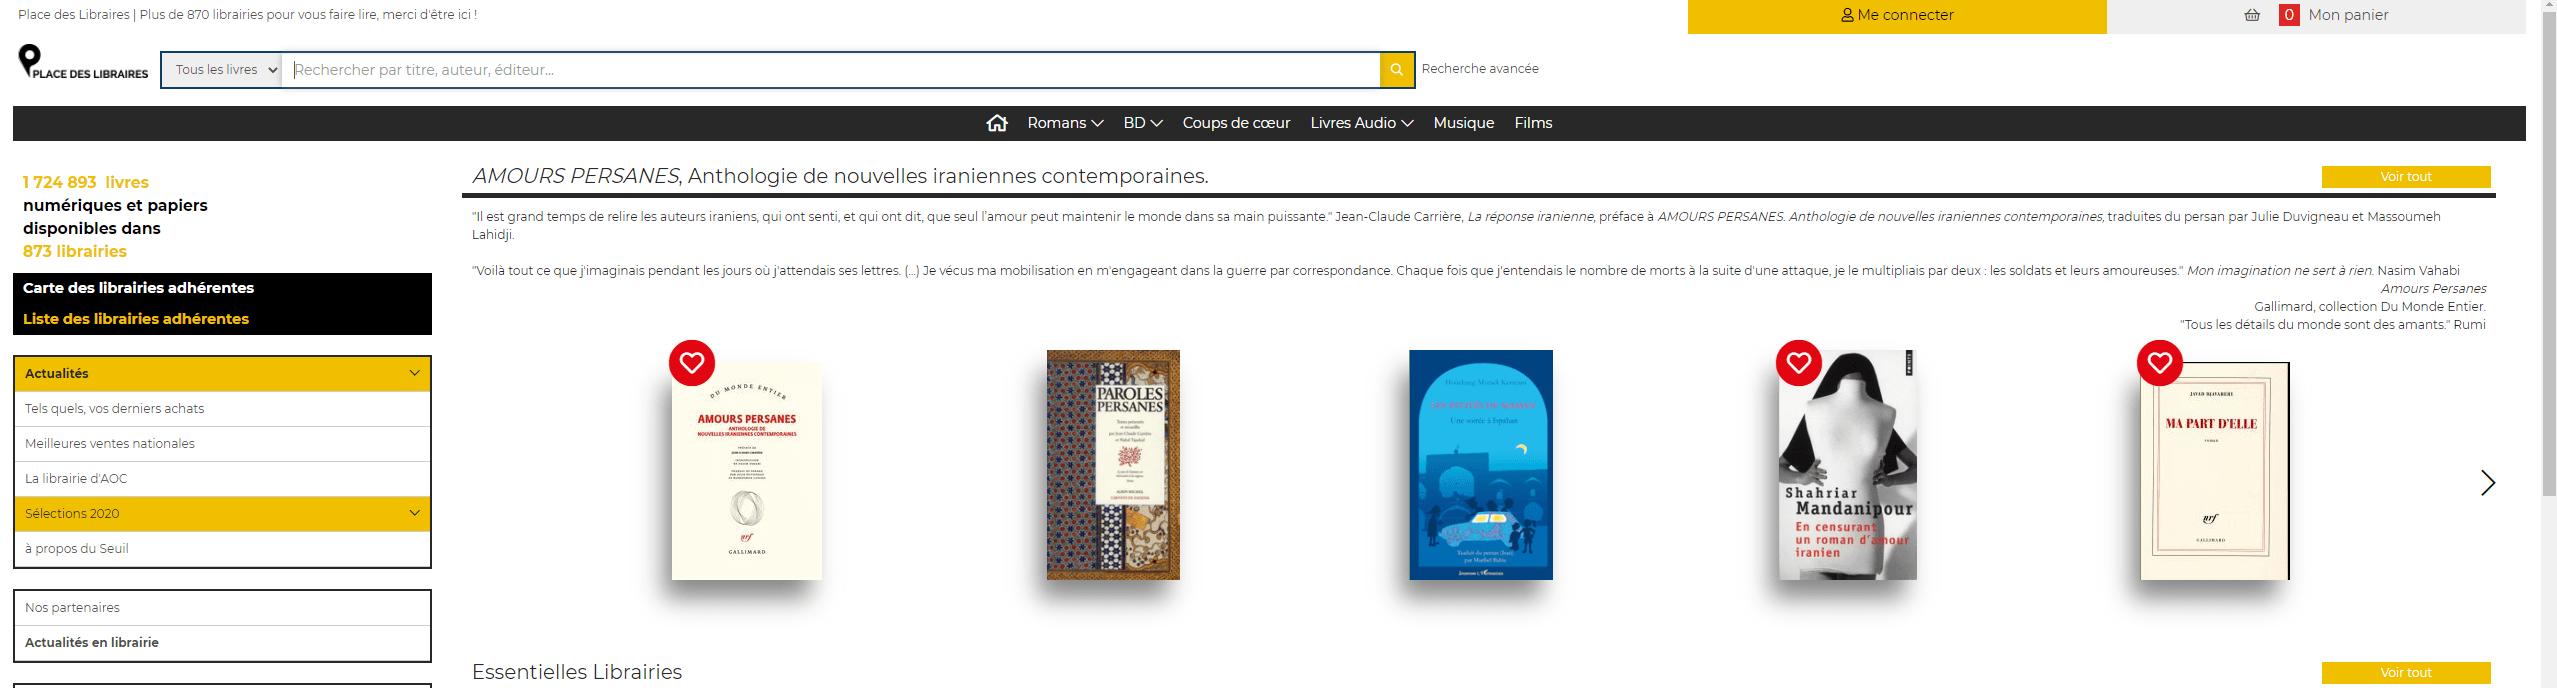 place des libraires accueil